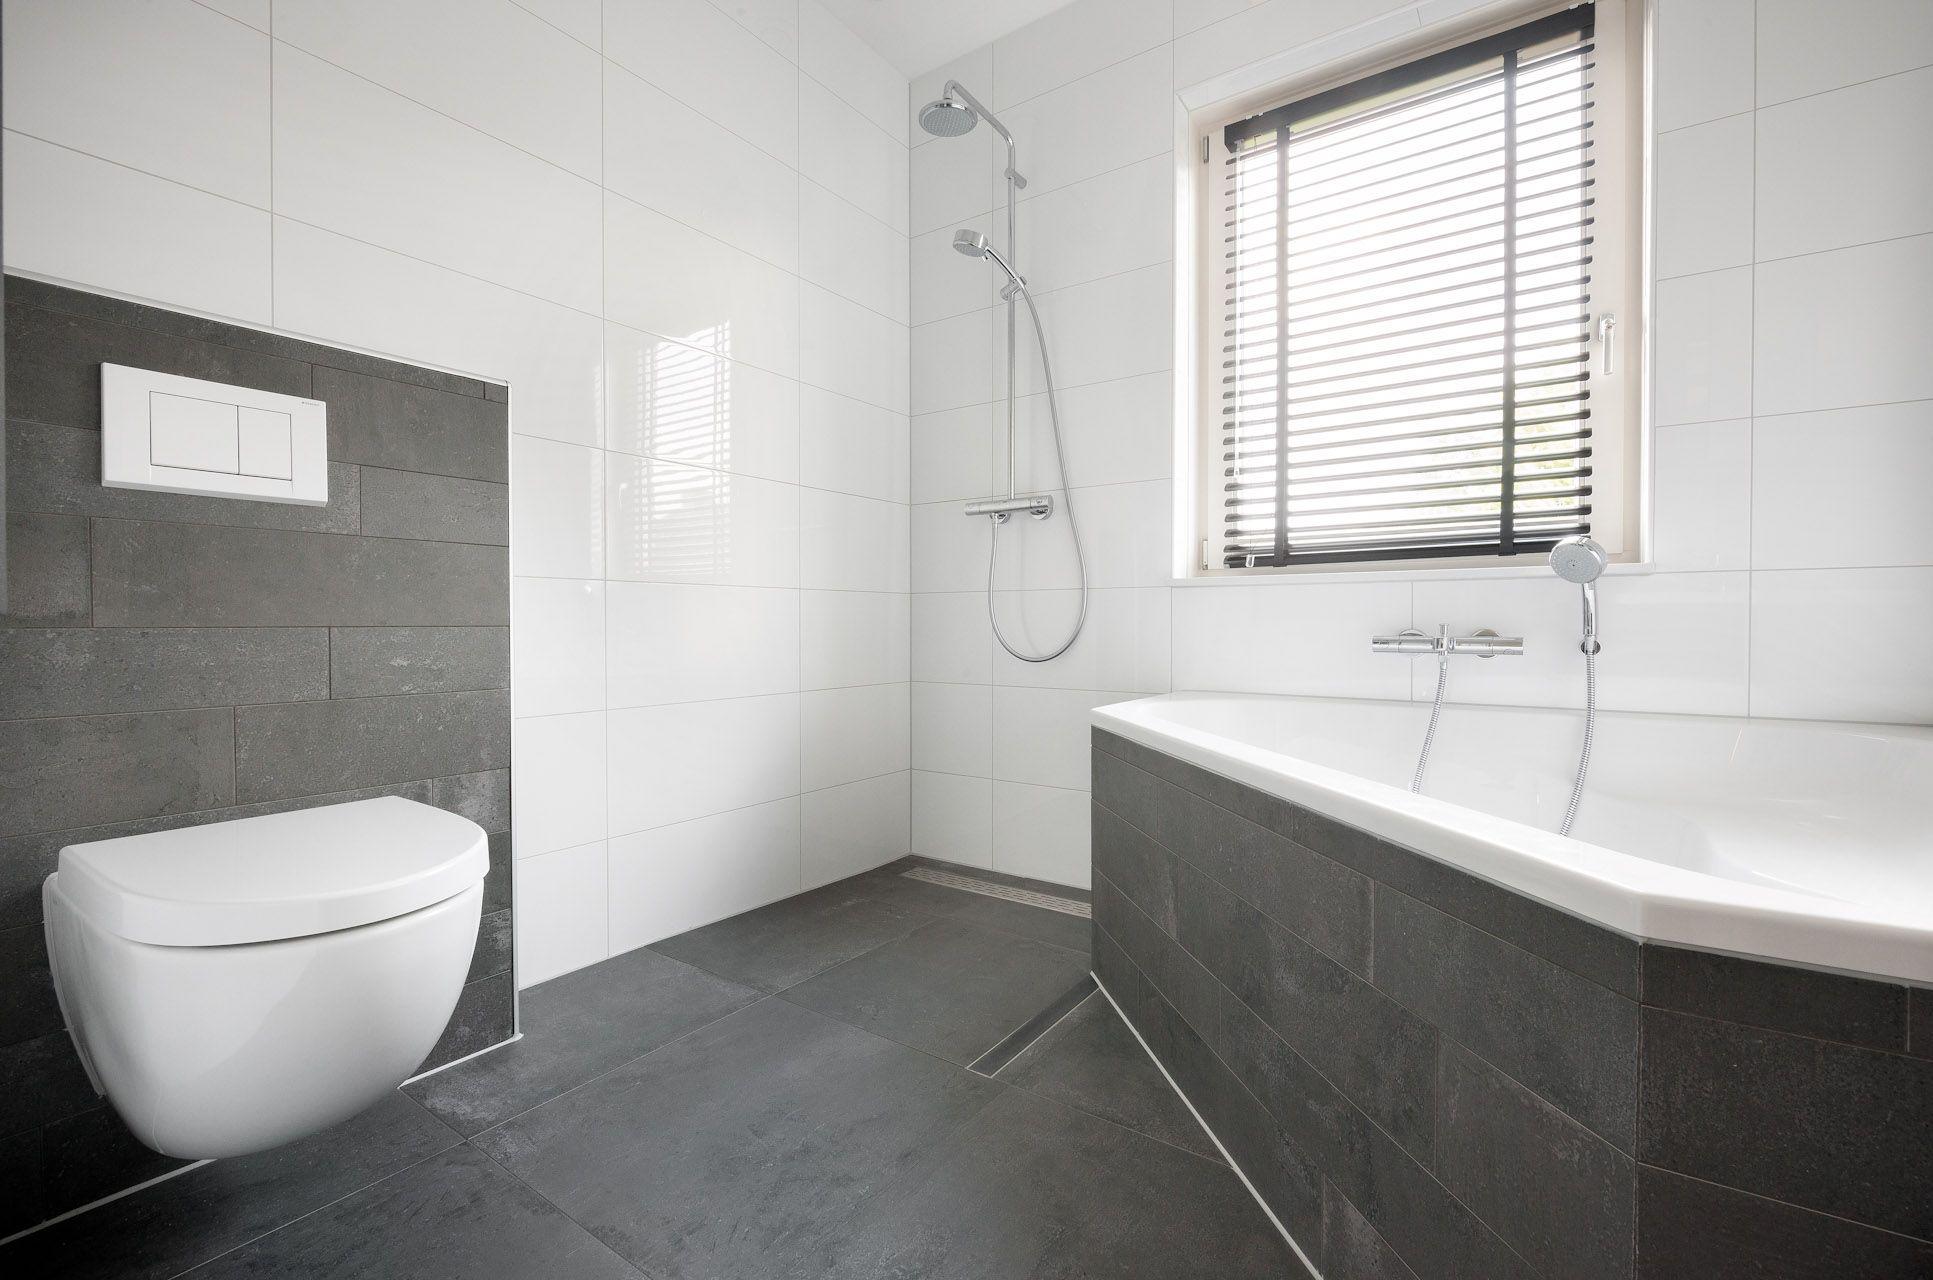 Afbeeldingsresultaat voor badkamer wit grijs Łazienka badkamer